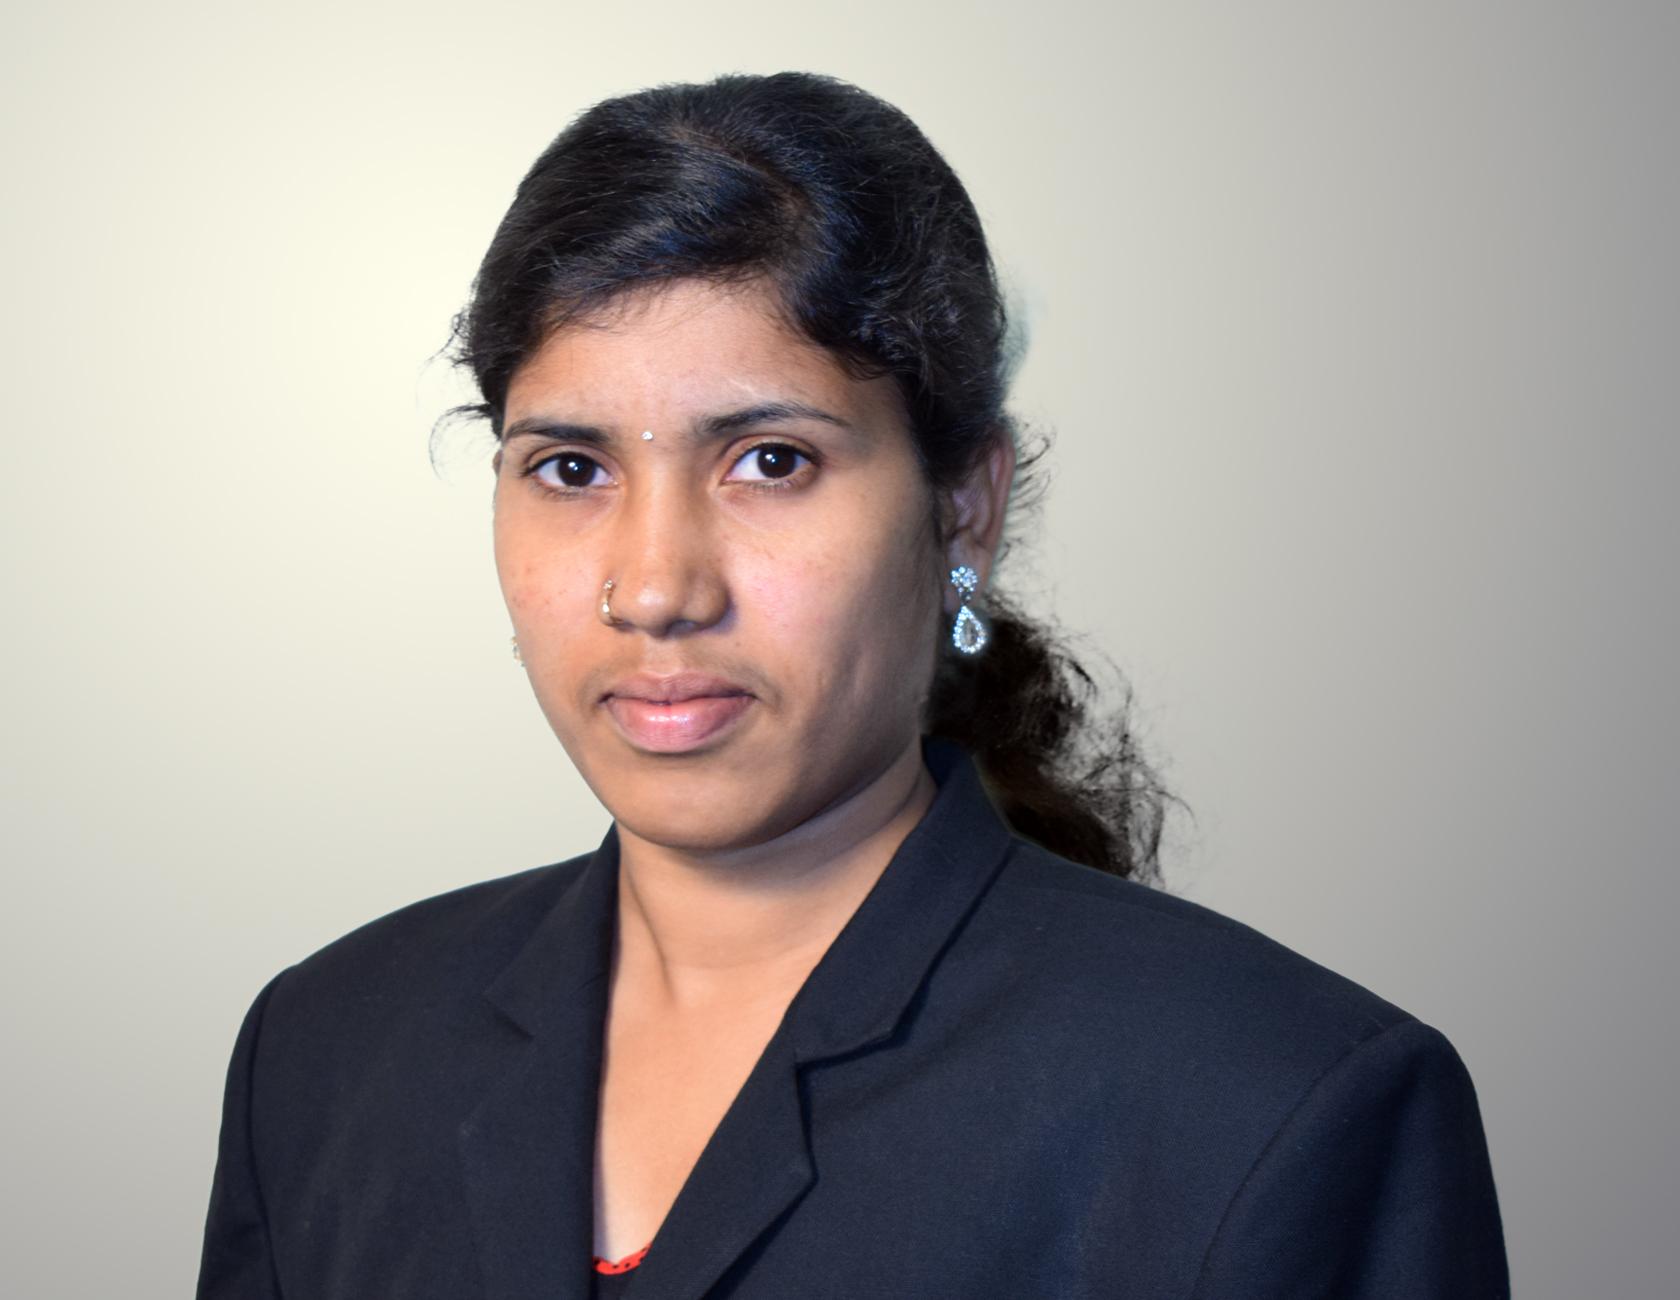 Mamatha-Potulapalli